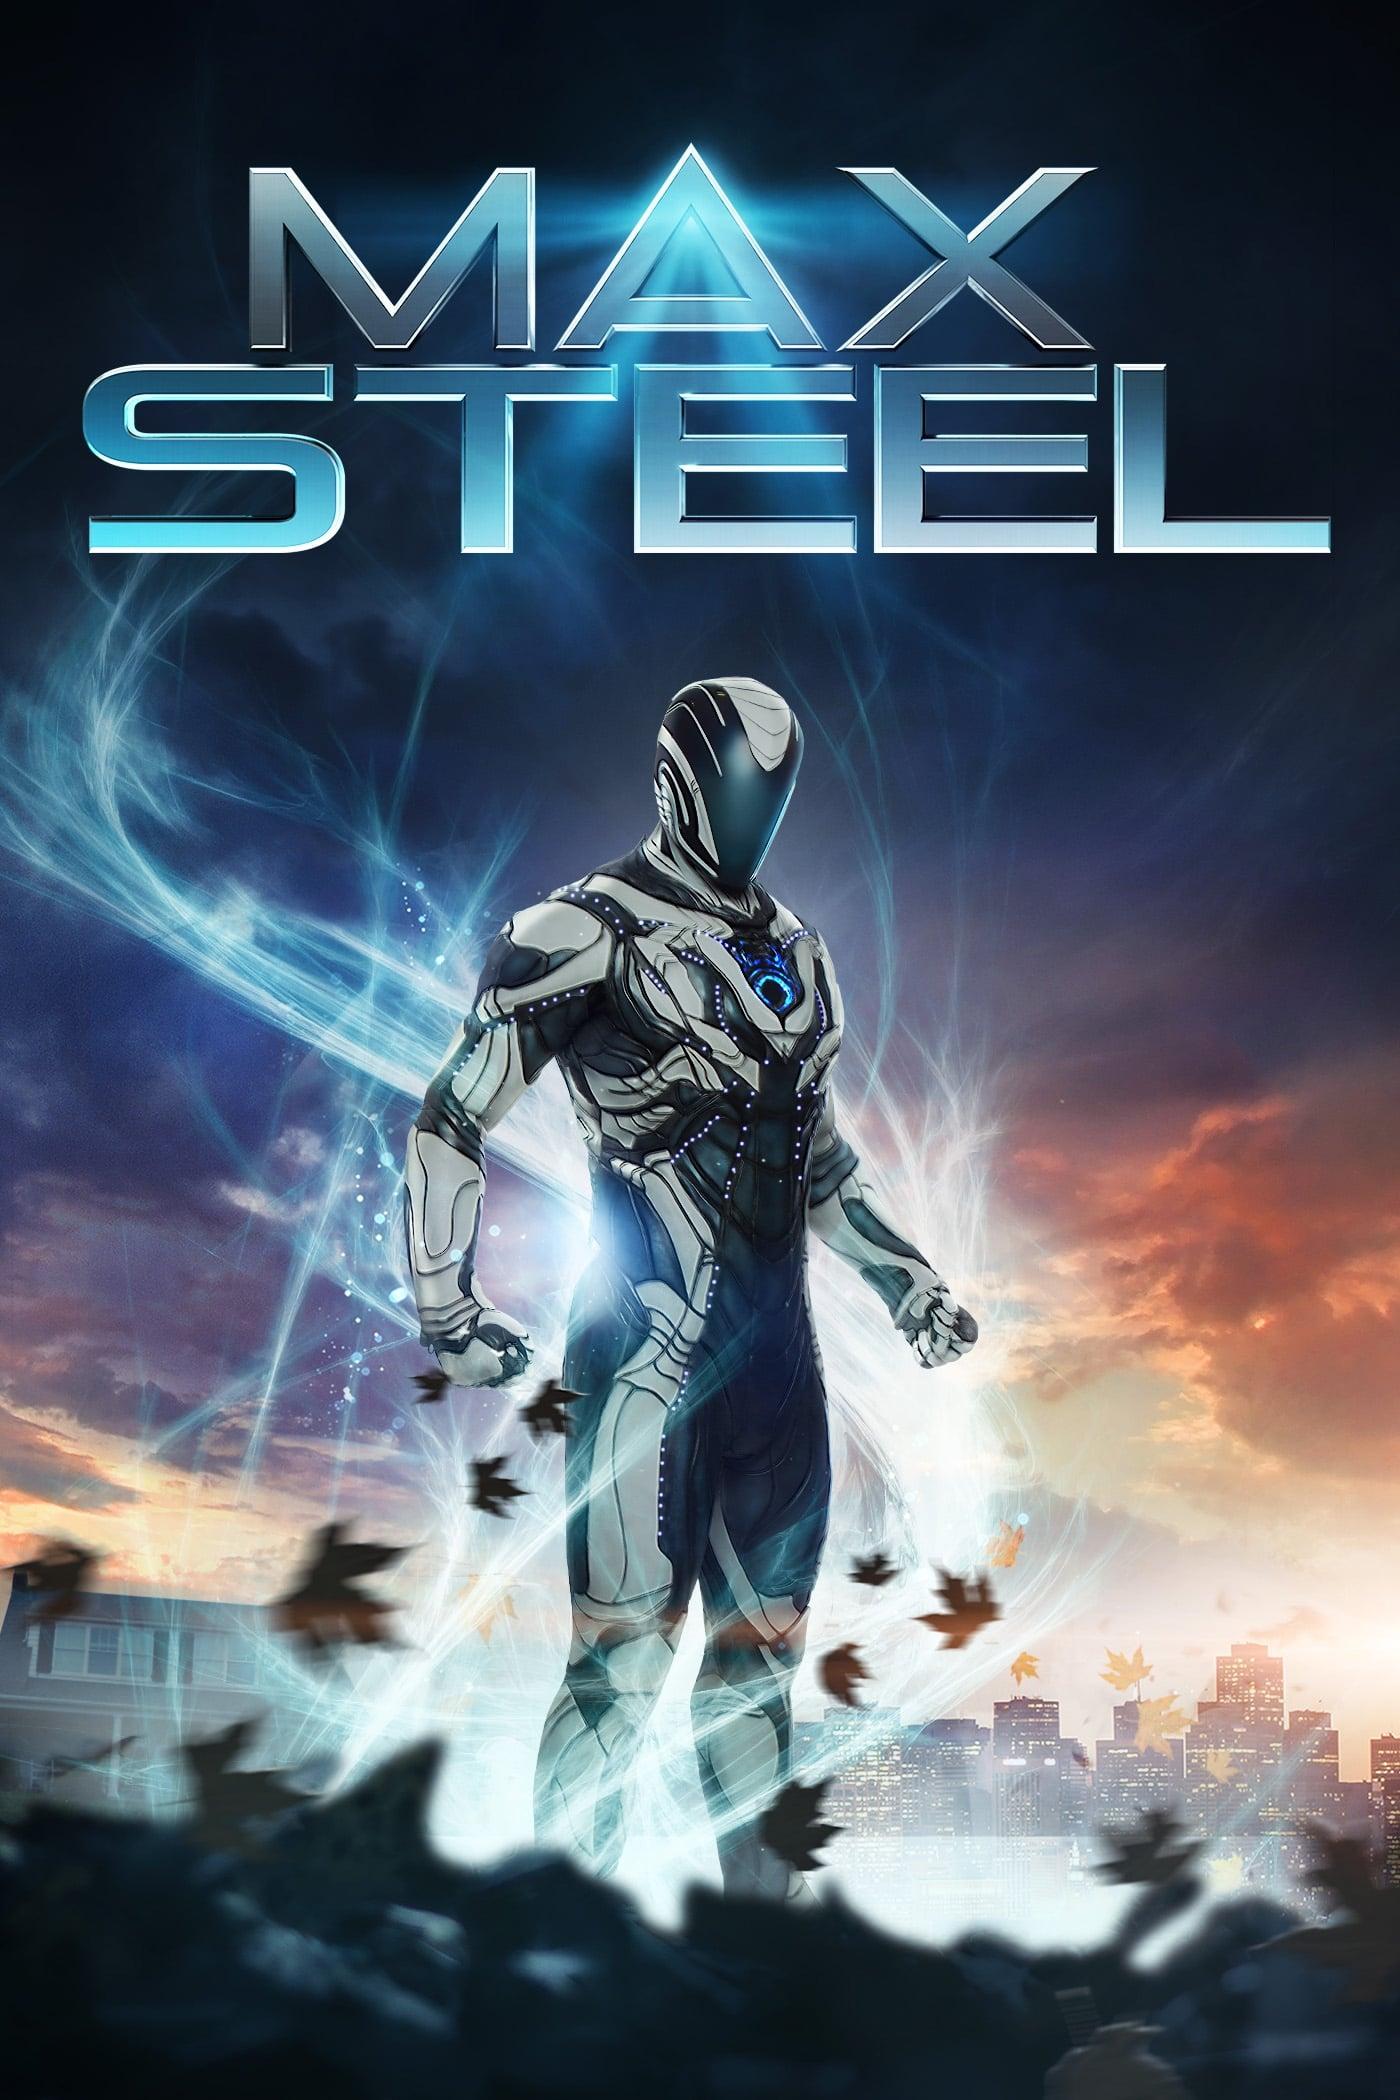 Max Steel Film